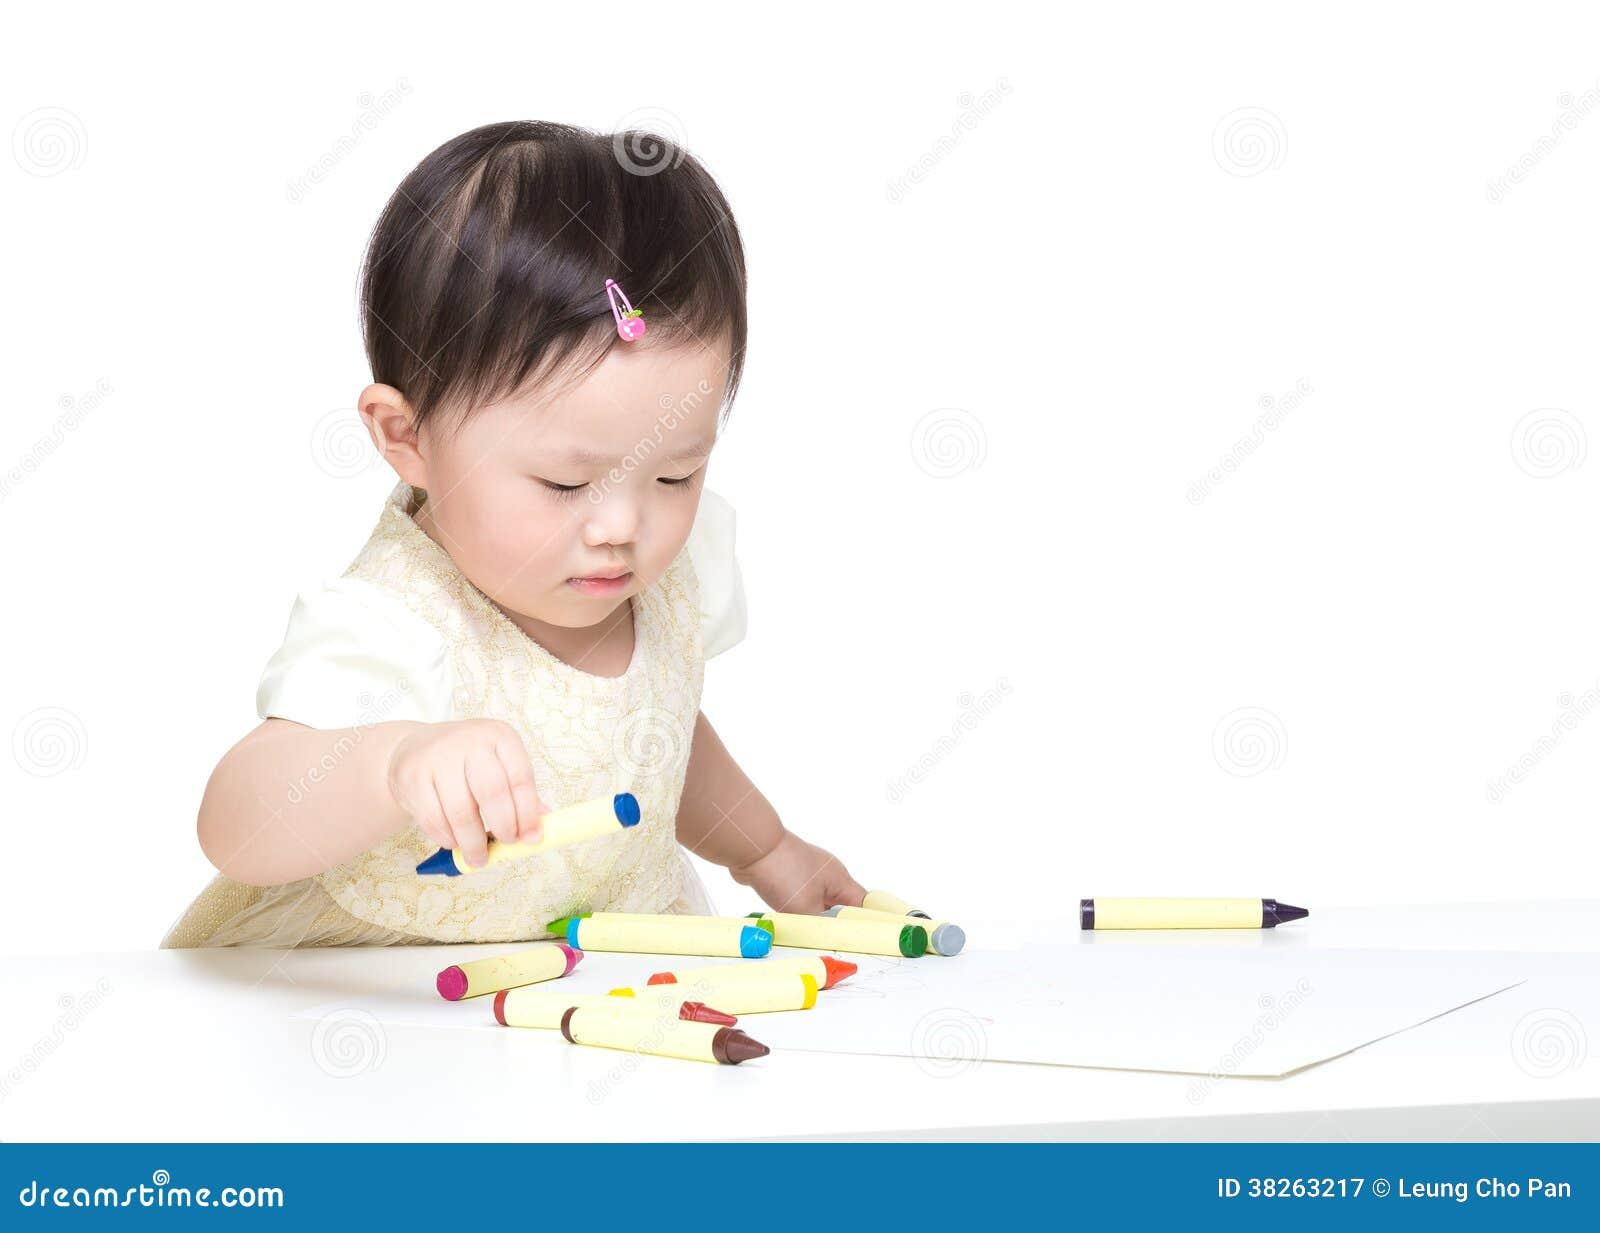 Ασιατική συγκέντρωση μικρών κοριτσιών στο σχέδιο